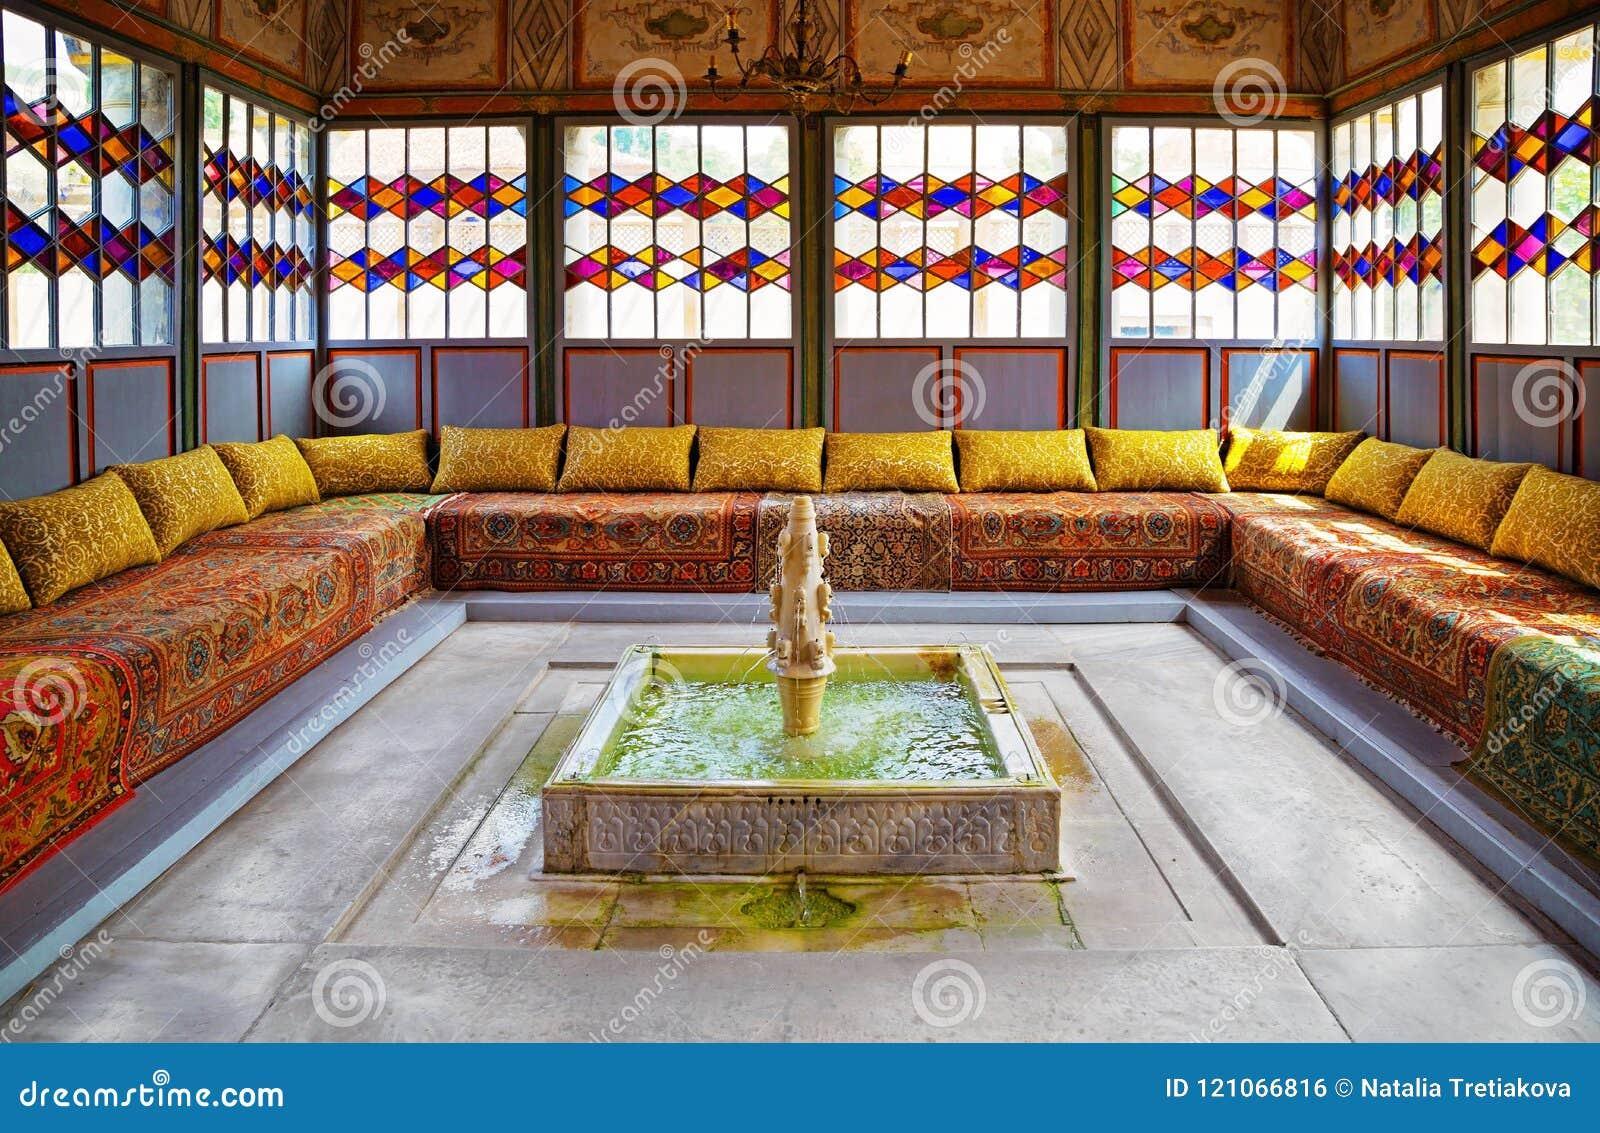 Ανατολικό παλαιό gazebo με μια πηγή στη μέση γύρω από τα WI καναπέδων